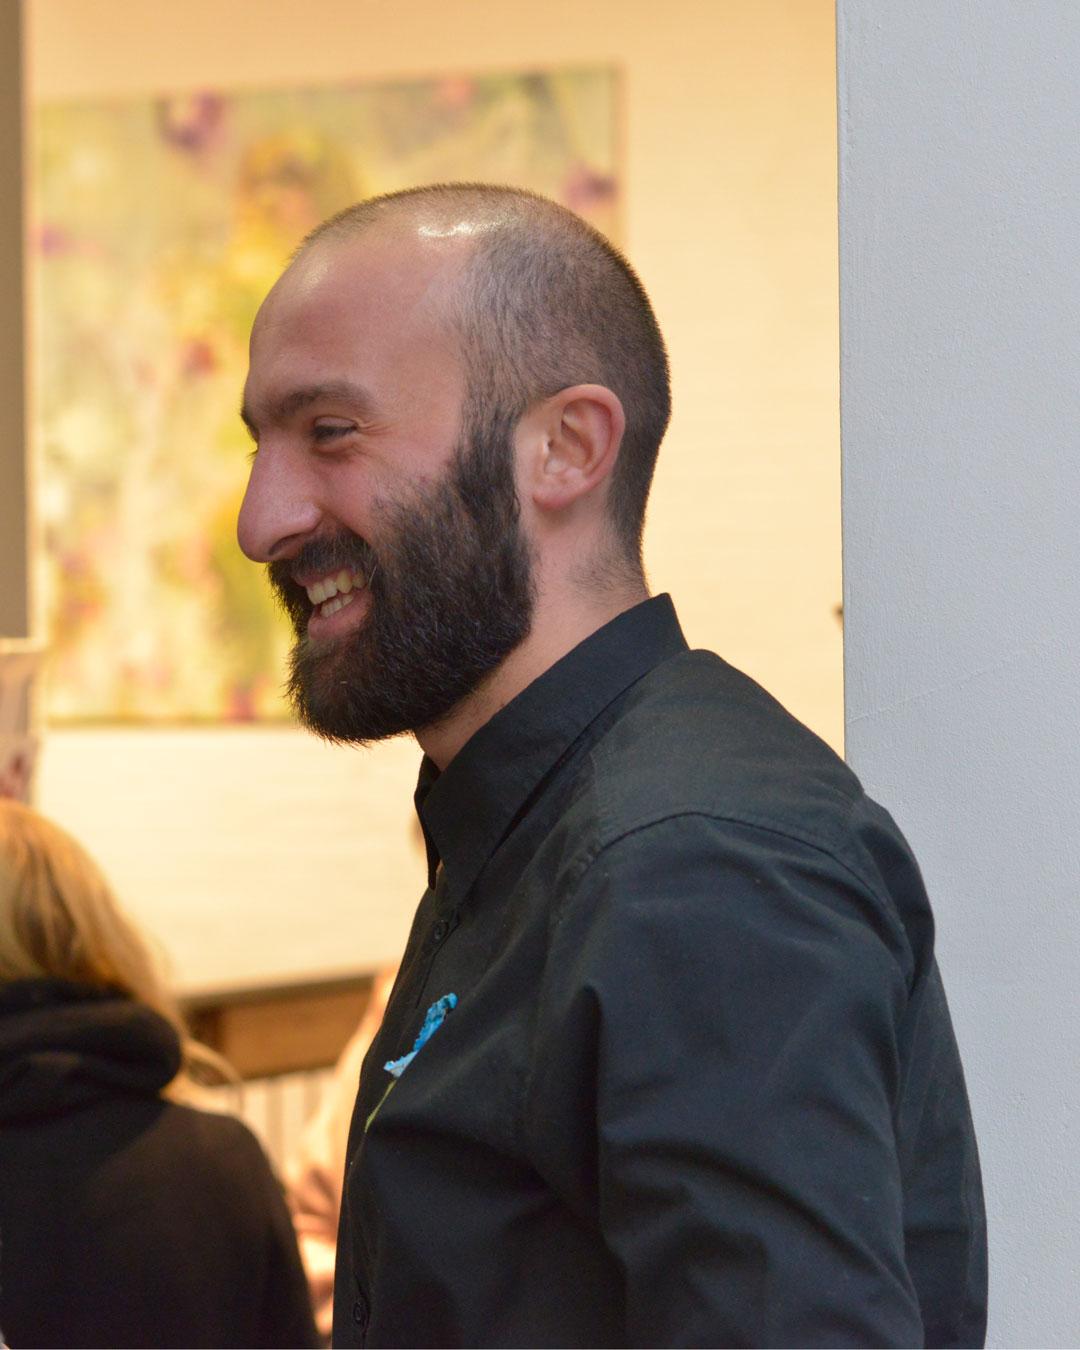 Levan Jishkariani, 2018